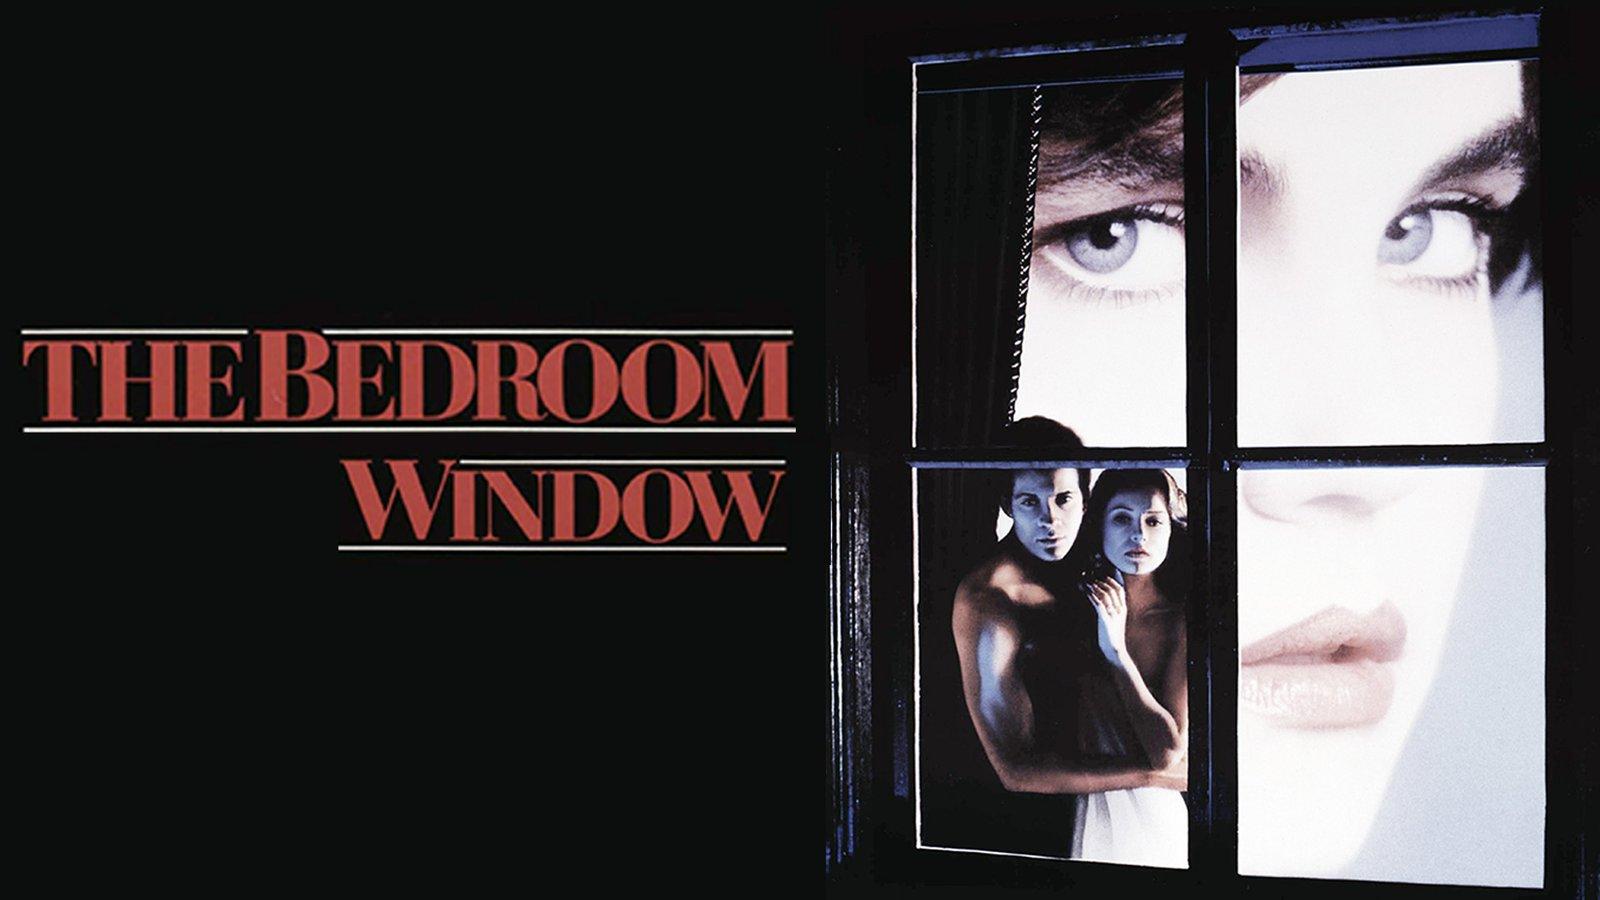 The Bedroom Window